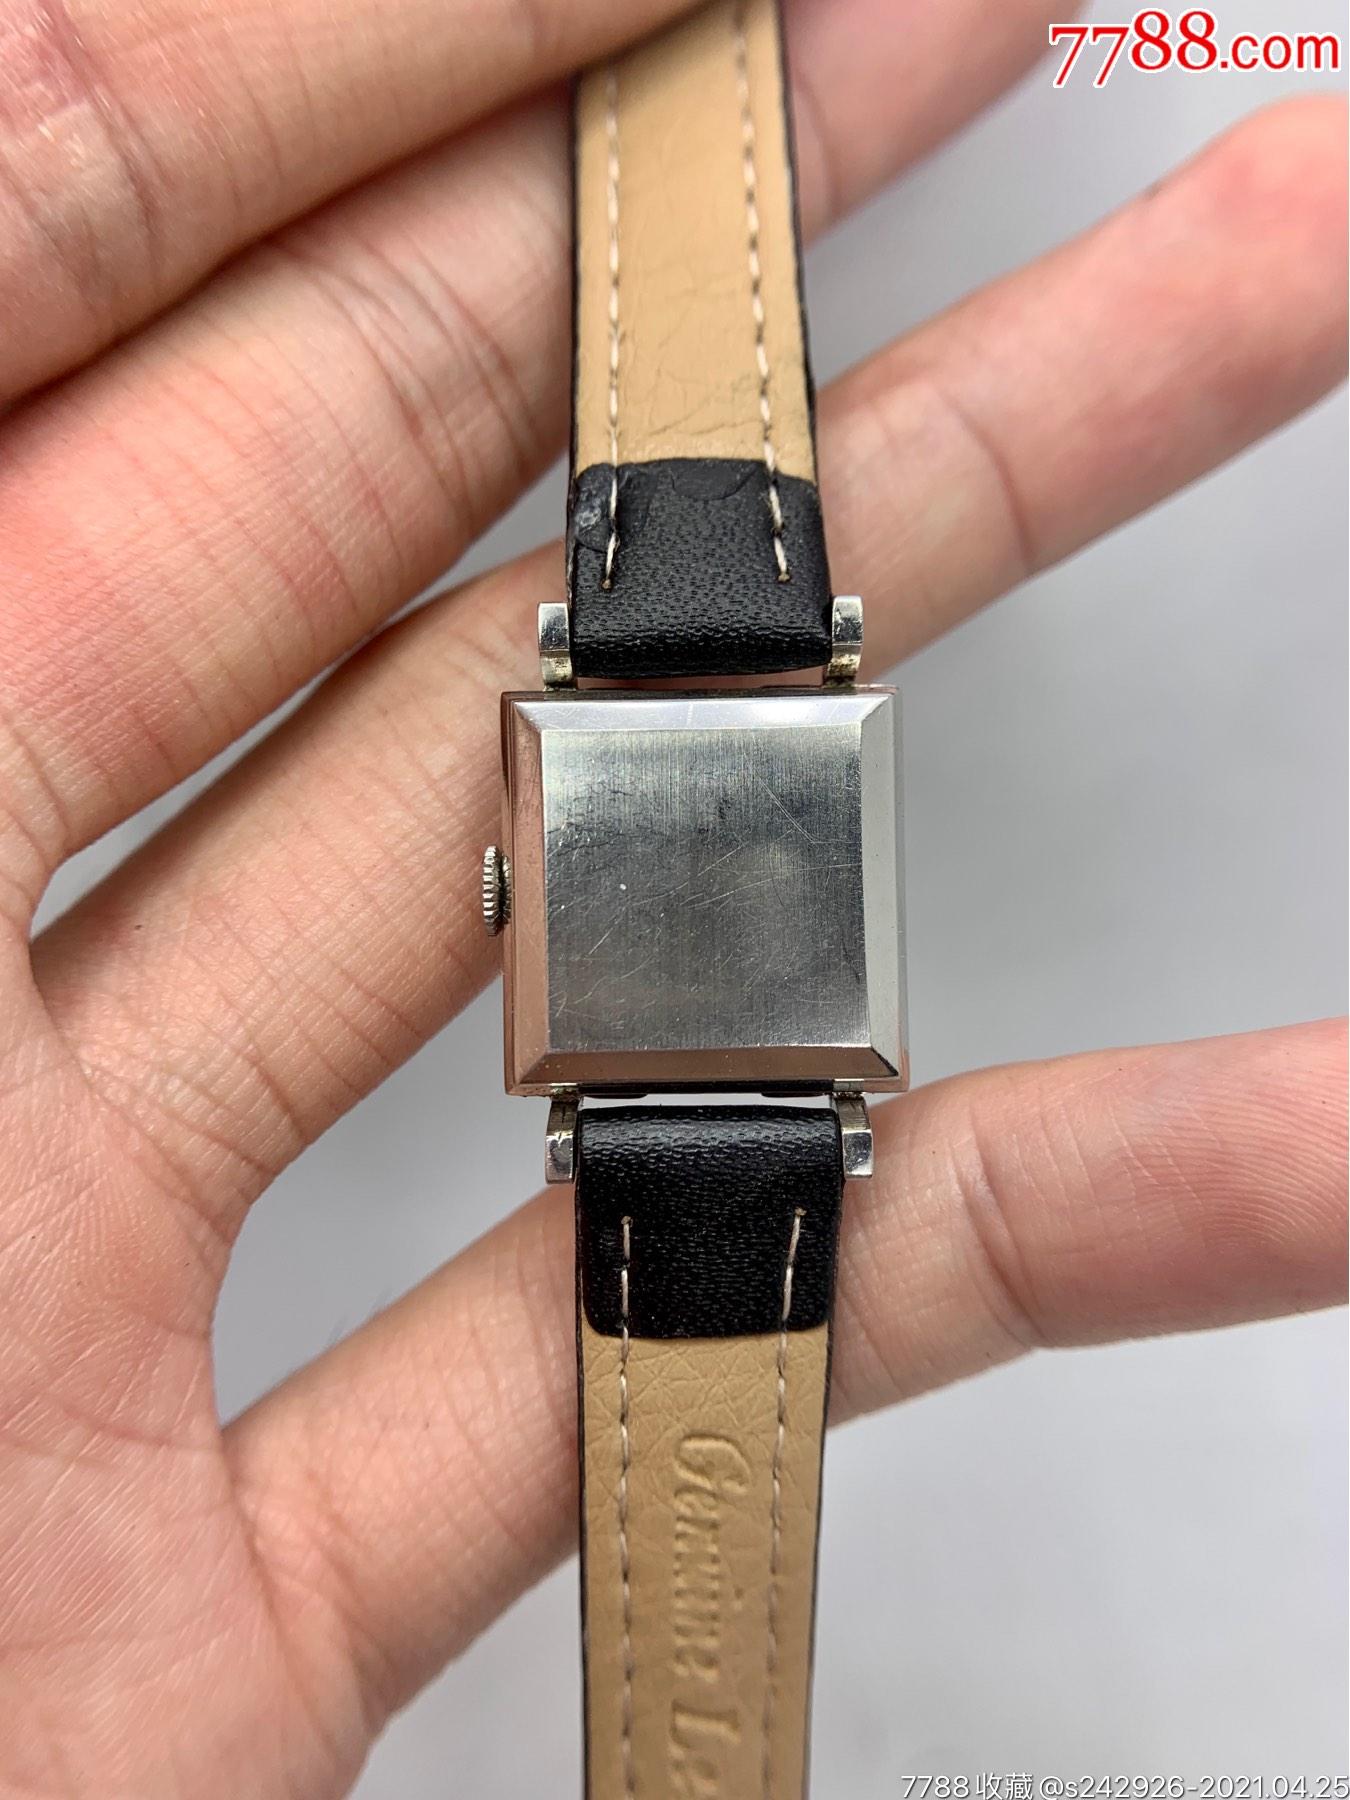 【萬國iwc】全自動機械手表雙金頭啄木鳥機芯_價格1039元_第4張_